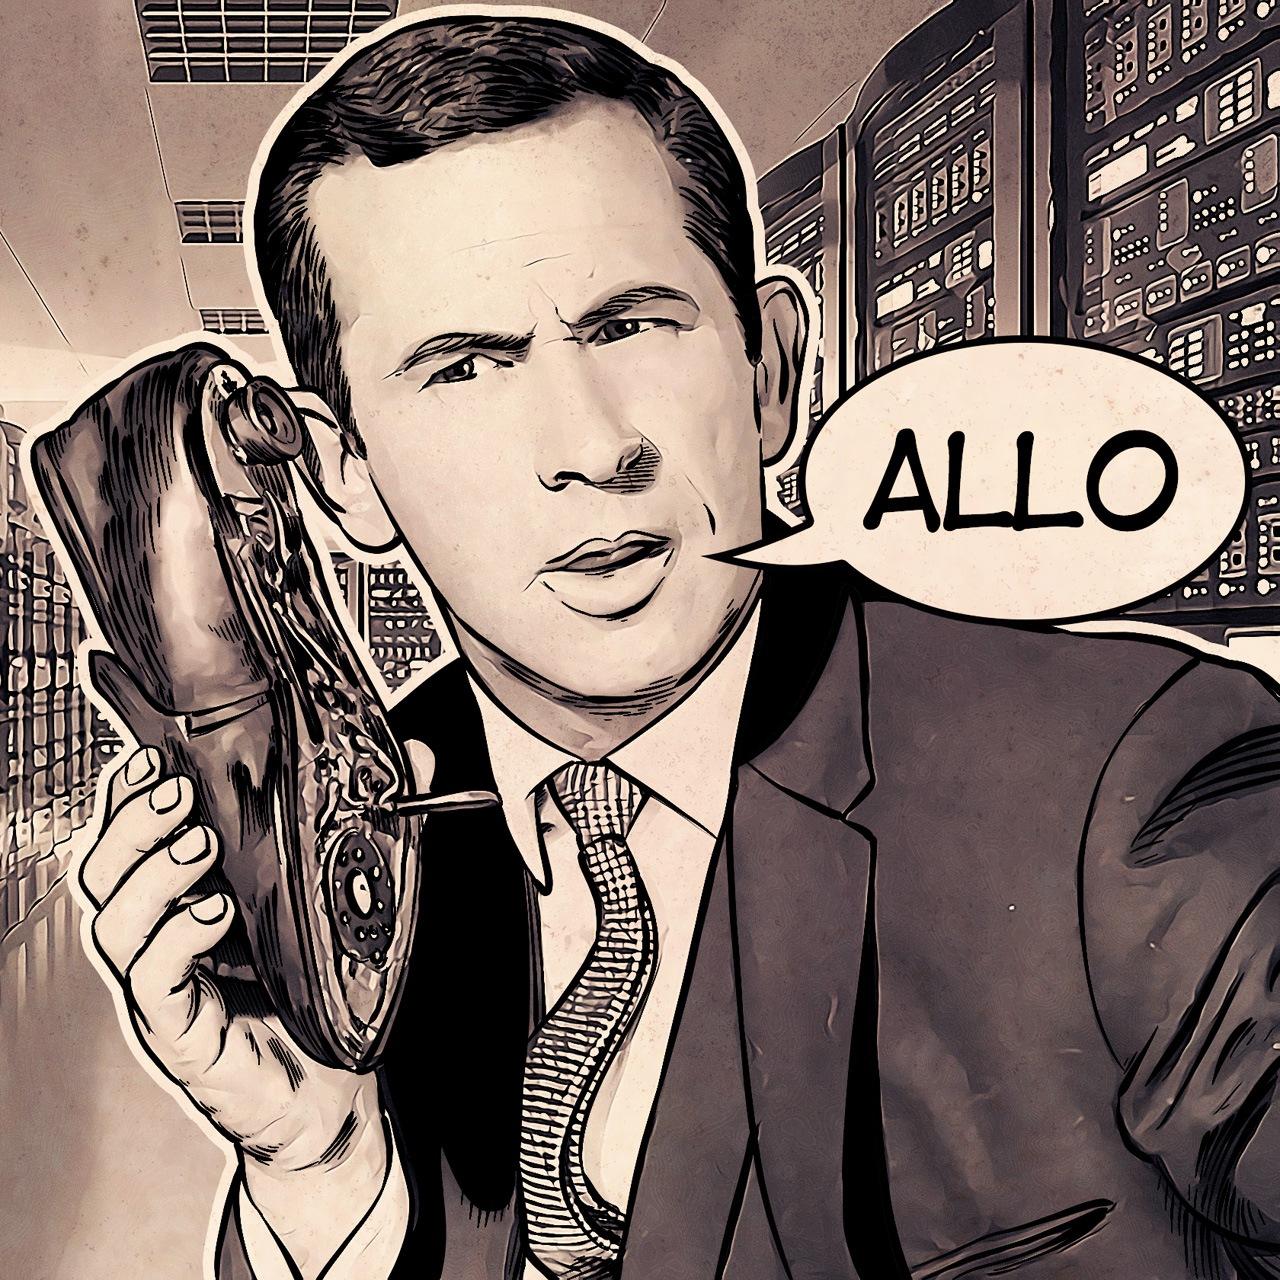 Google reverses course on Allo privacy